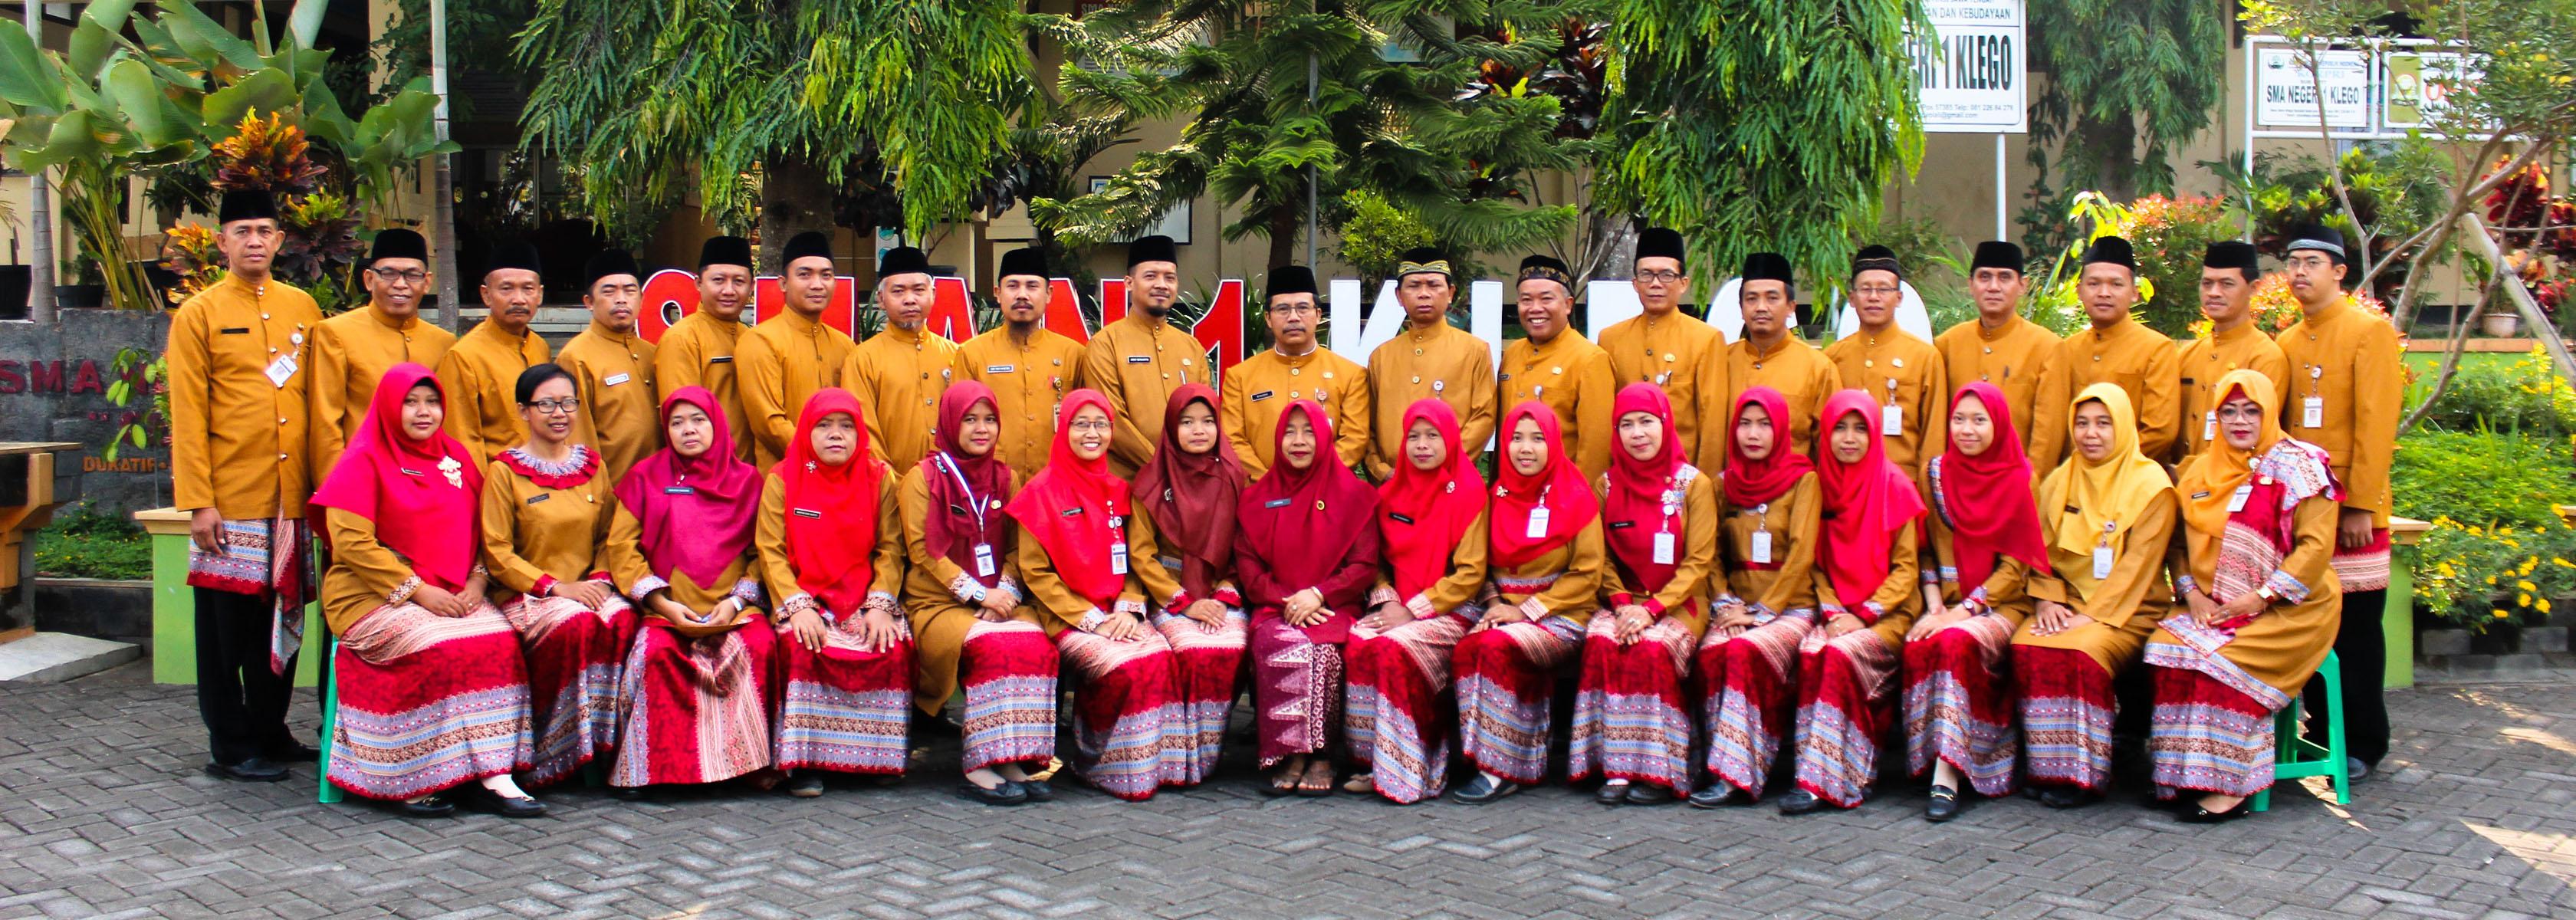 Pakaian Adat Jawa